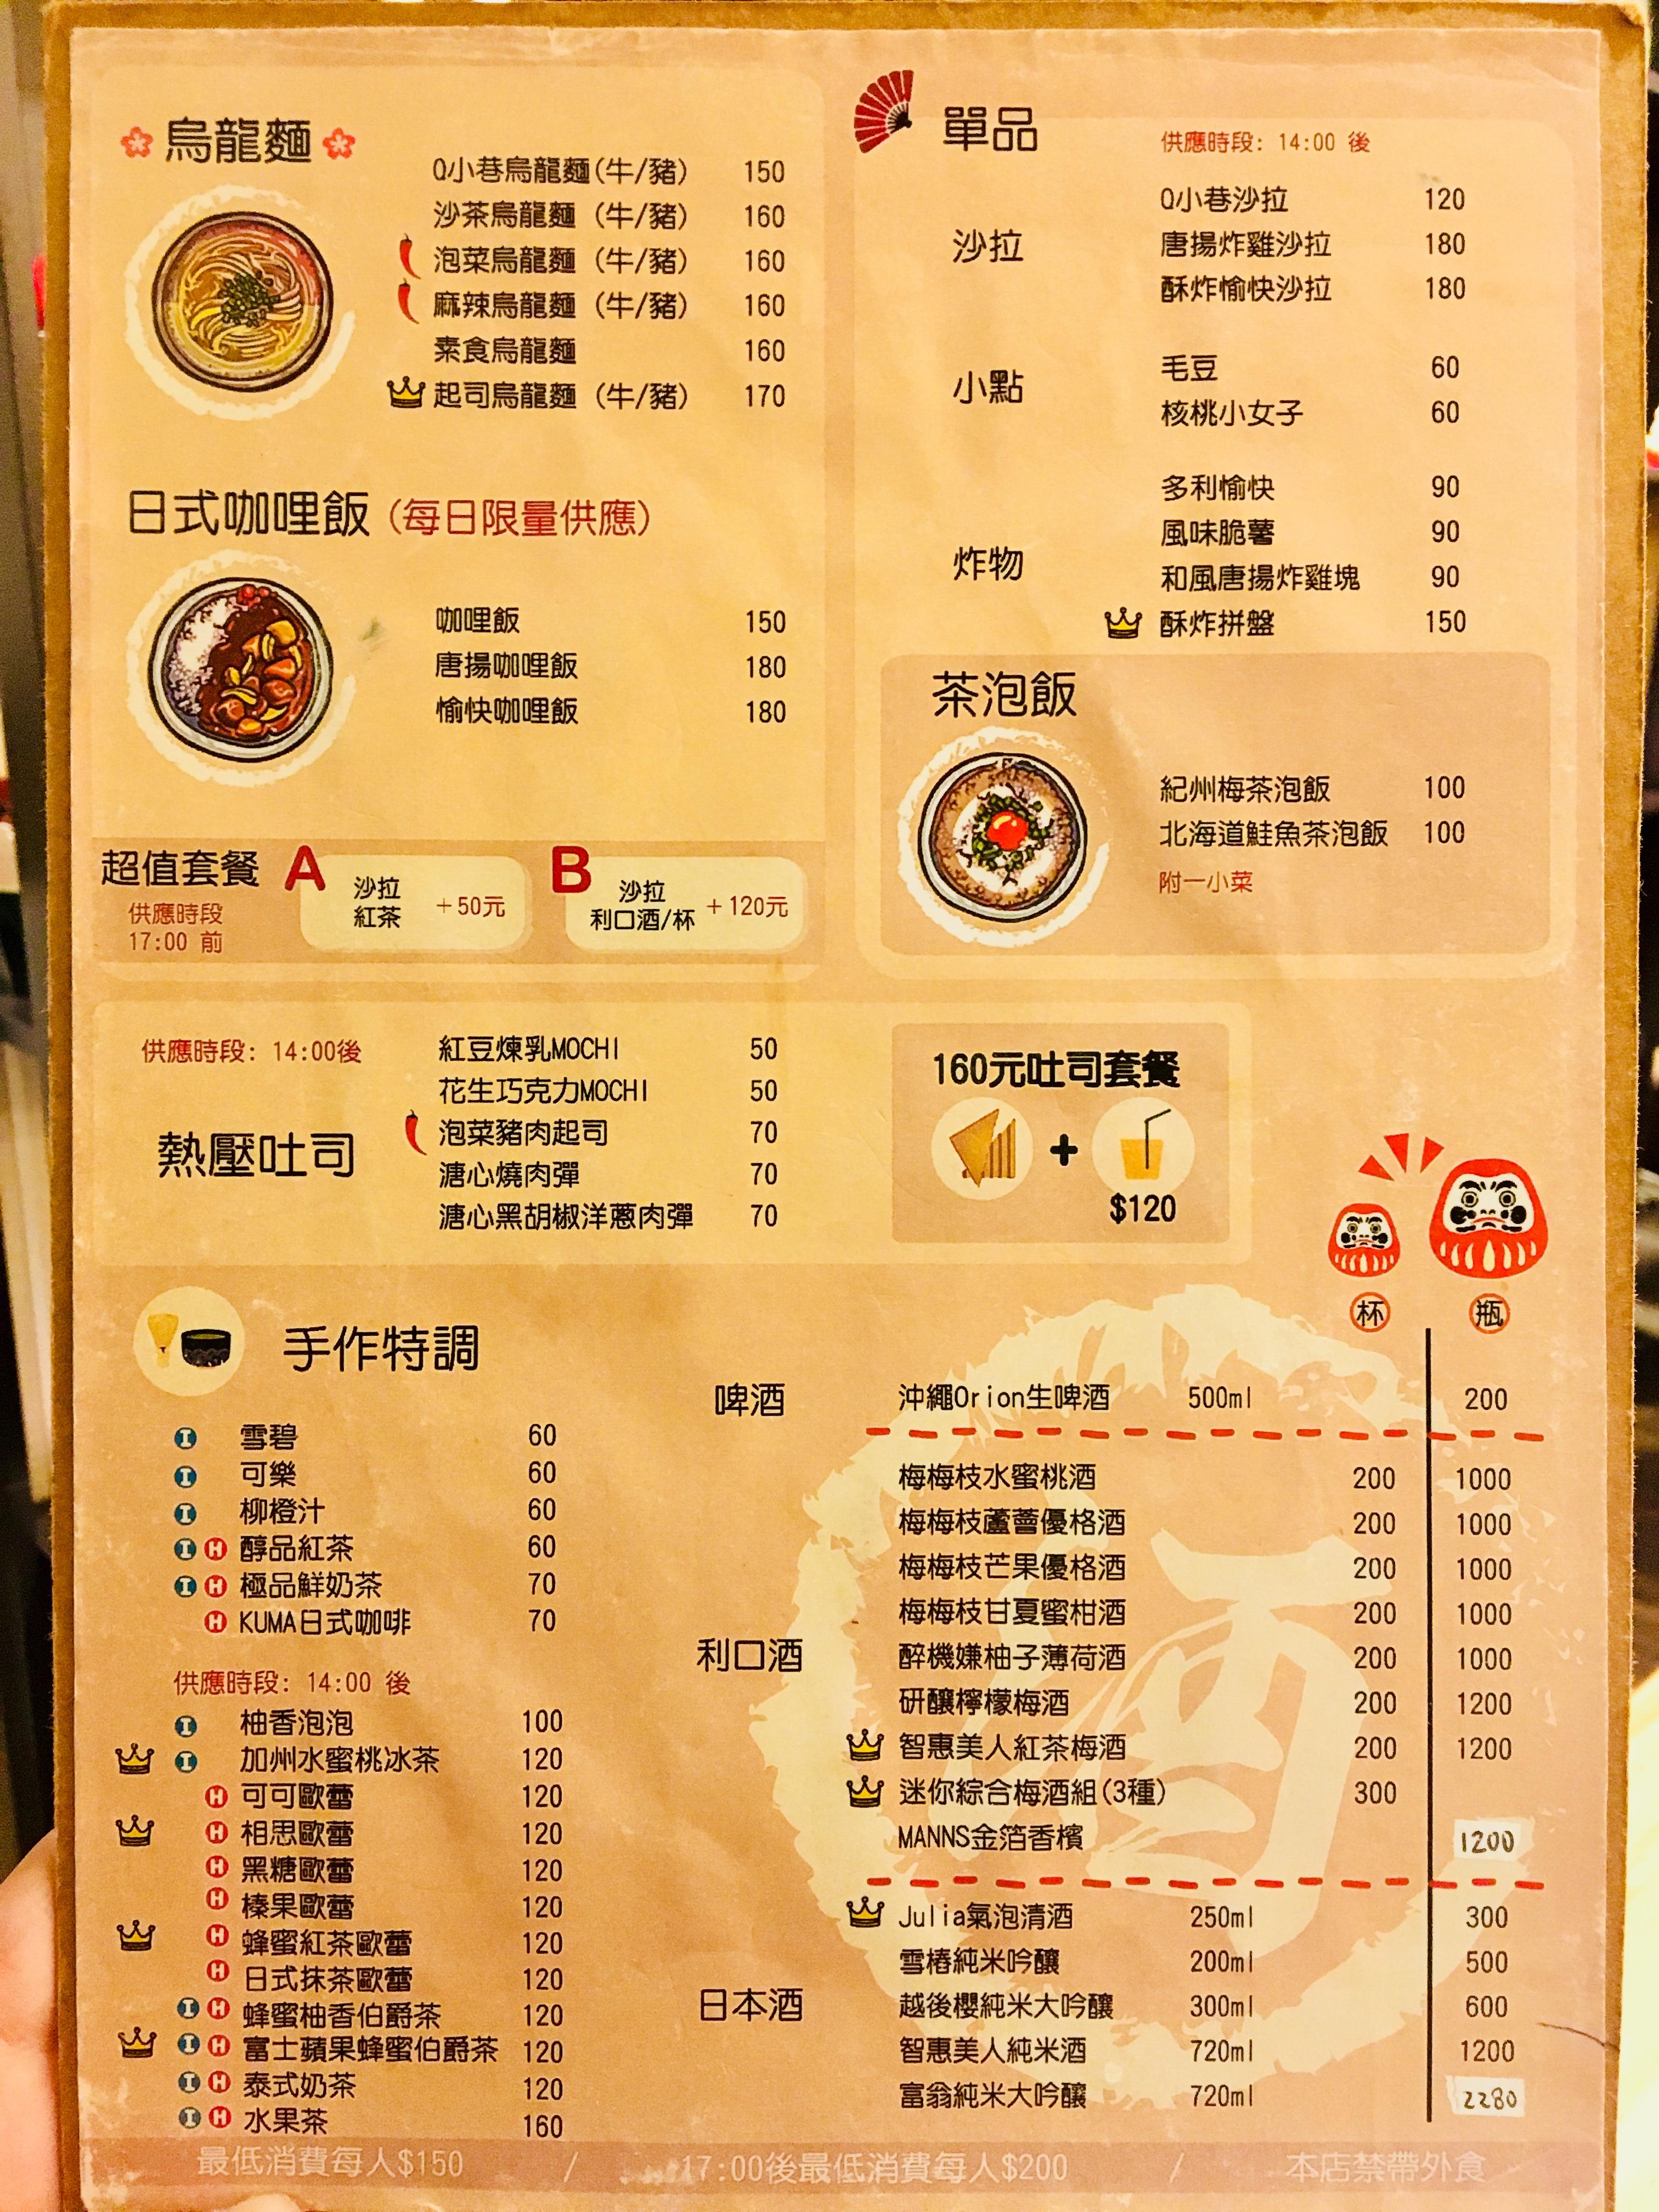 Q 小巷菜單